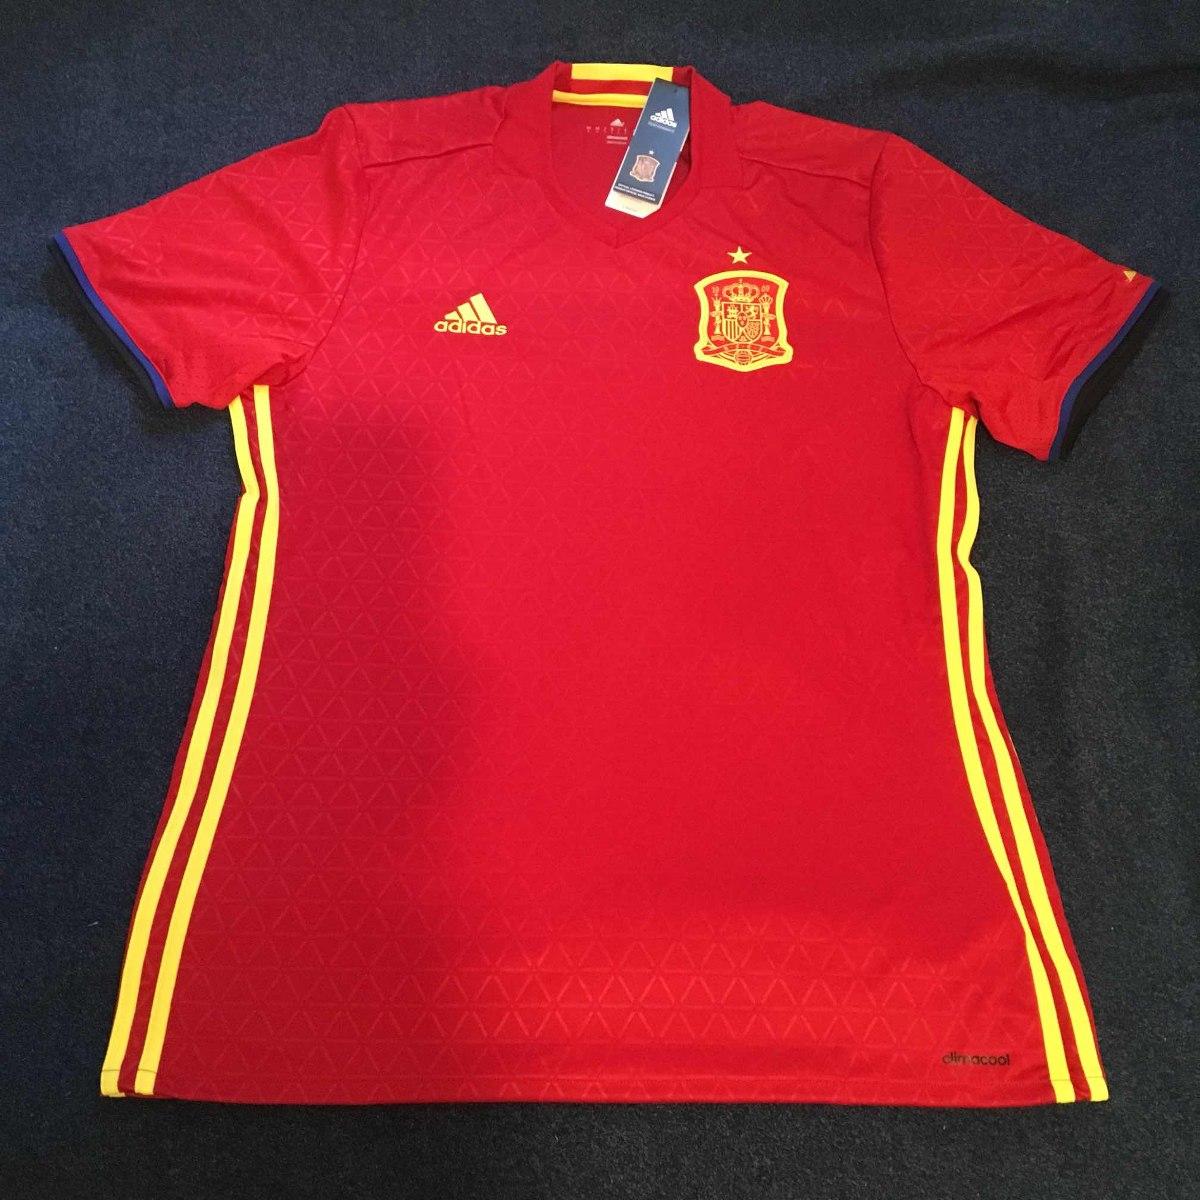 camisa seleção espanha 2016. Carregando zoom. 8eb69191ced75